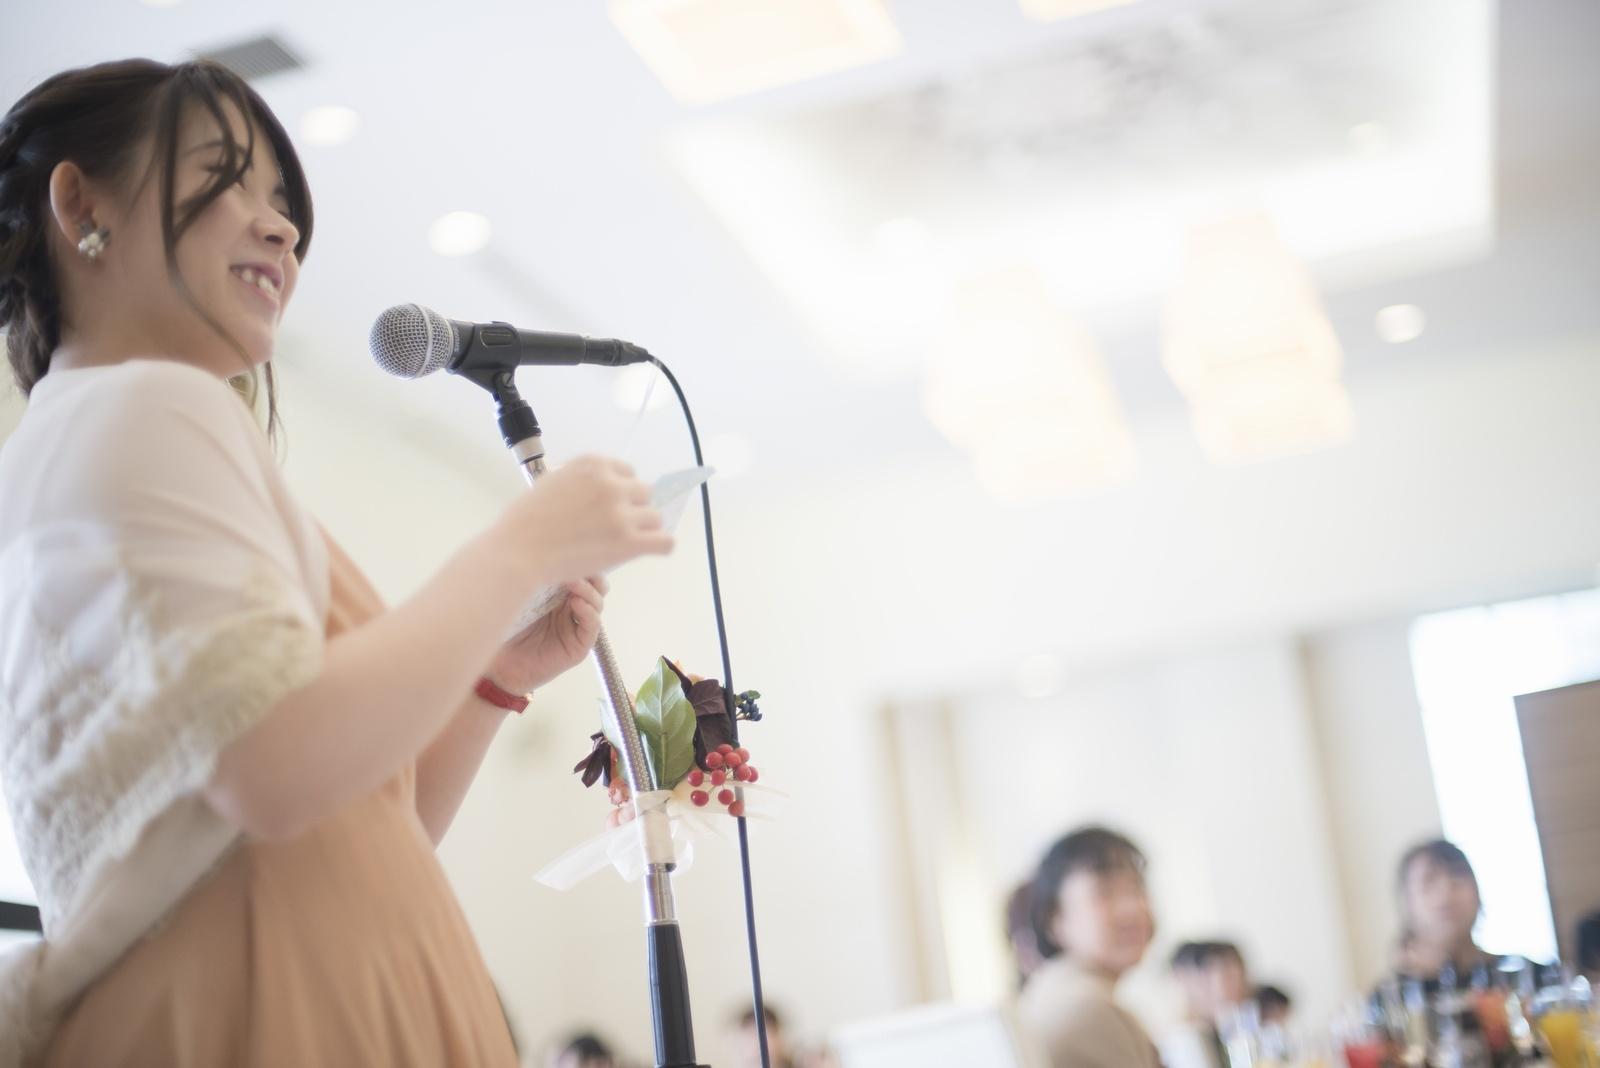 香川県の結婚式場シェルエメール&アイスタイル 友人スピーチ